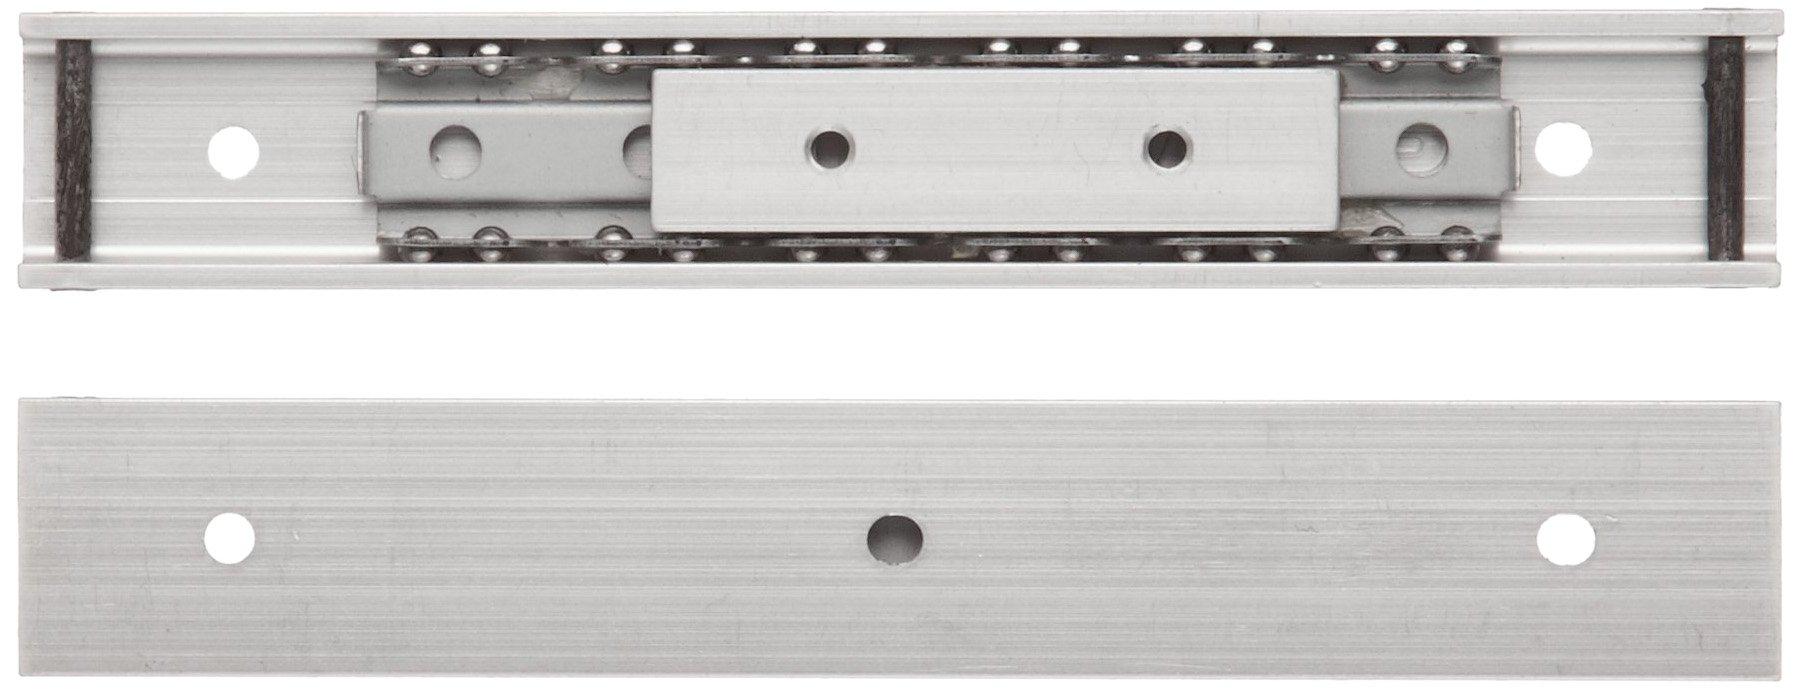 Sugastune ARL2-16 Aluminum Drawer Slide, 5-29/32'' Closed, 3-57/64'' Travel, 11 lbs/Pack Ld Cap (1 Pair)